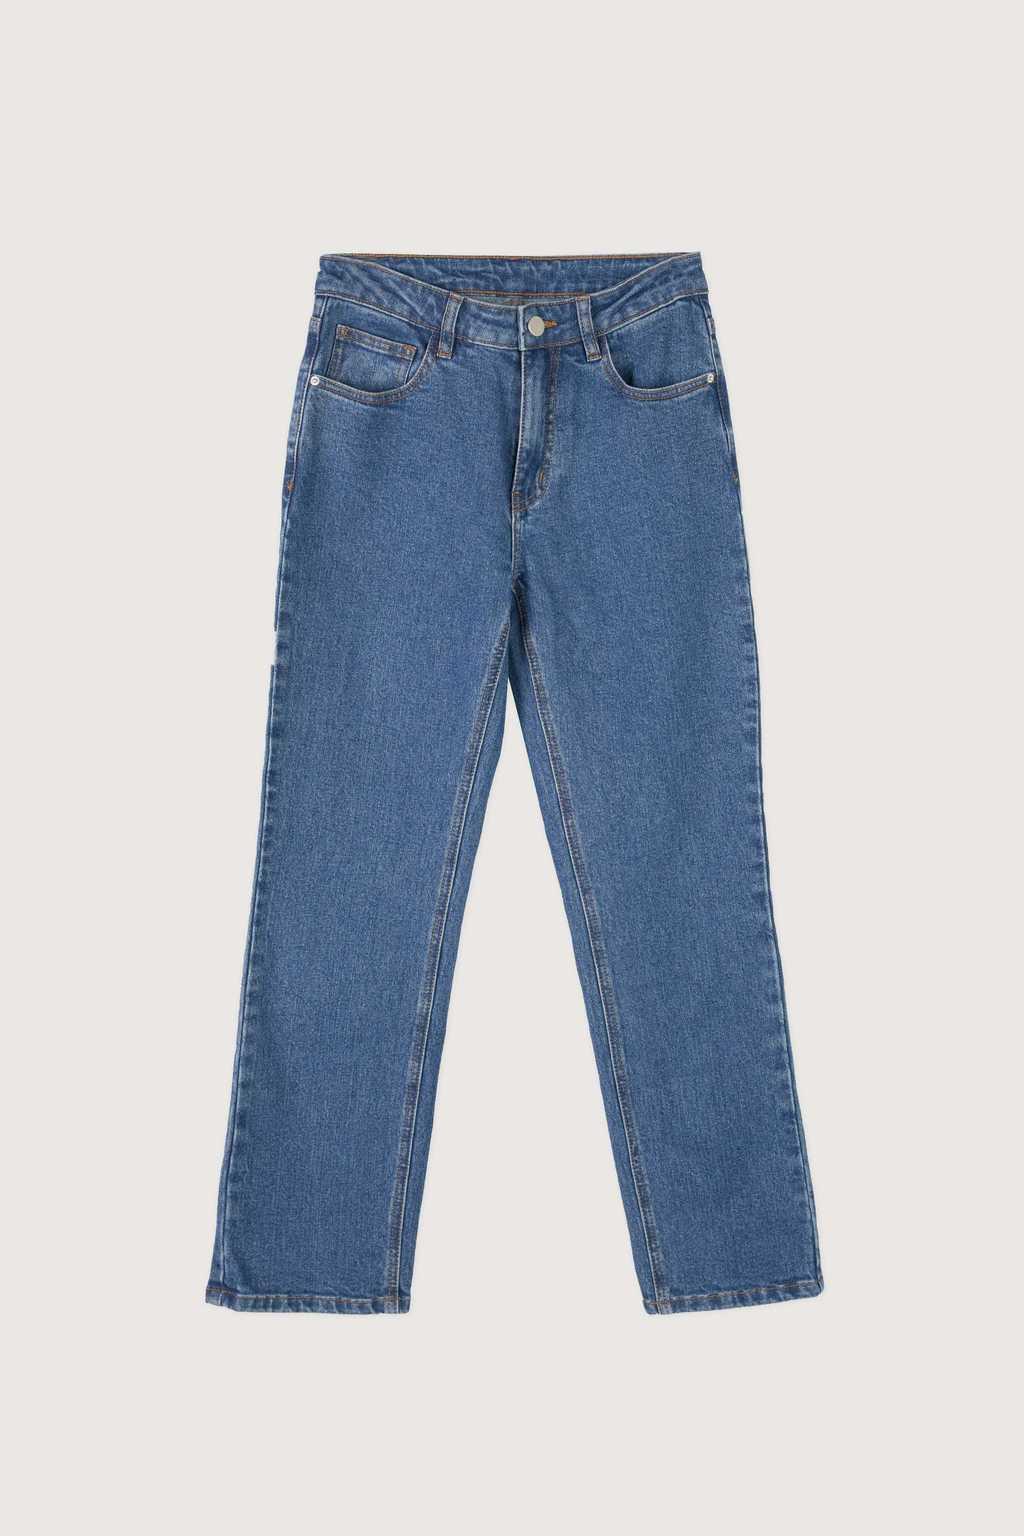 Jean 3620 Indigo 8